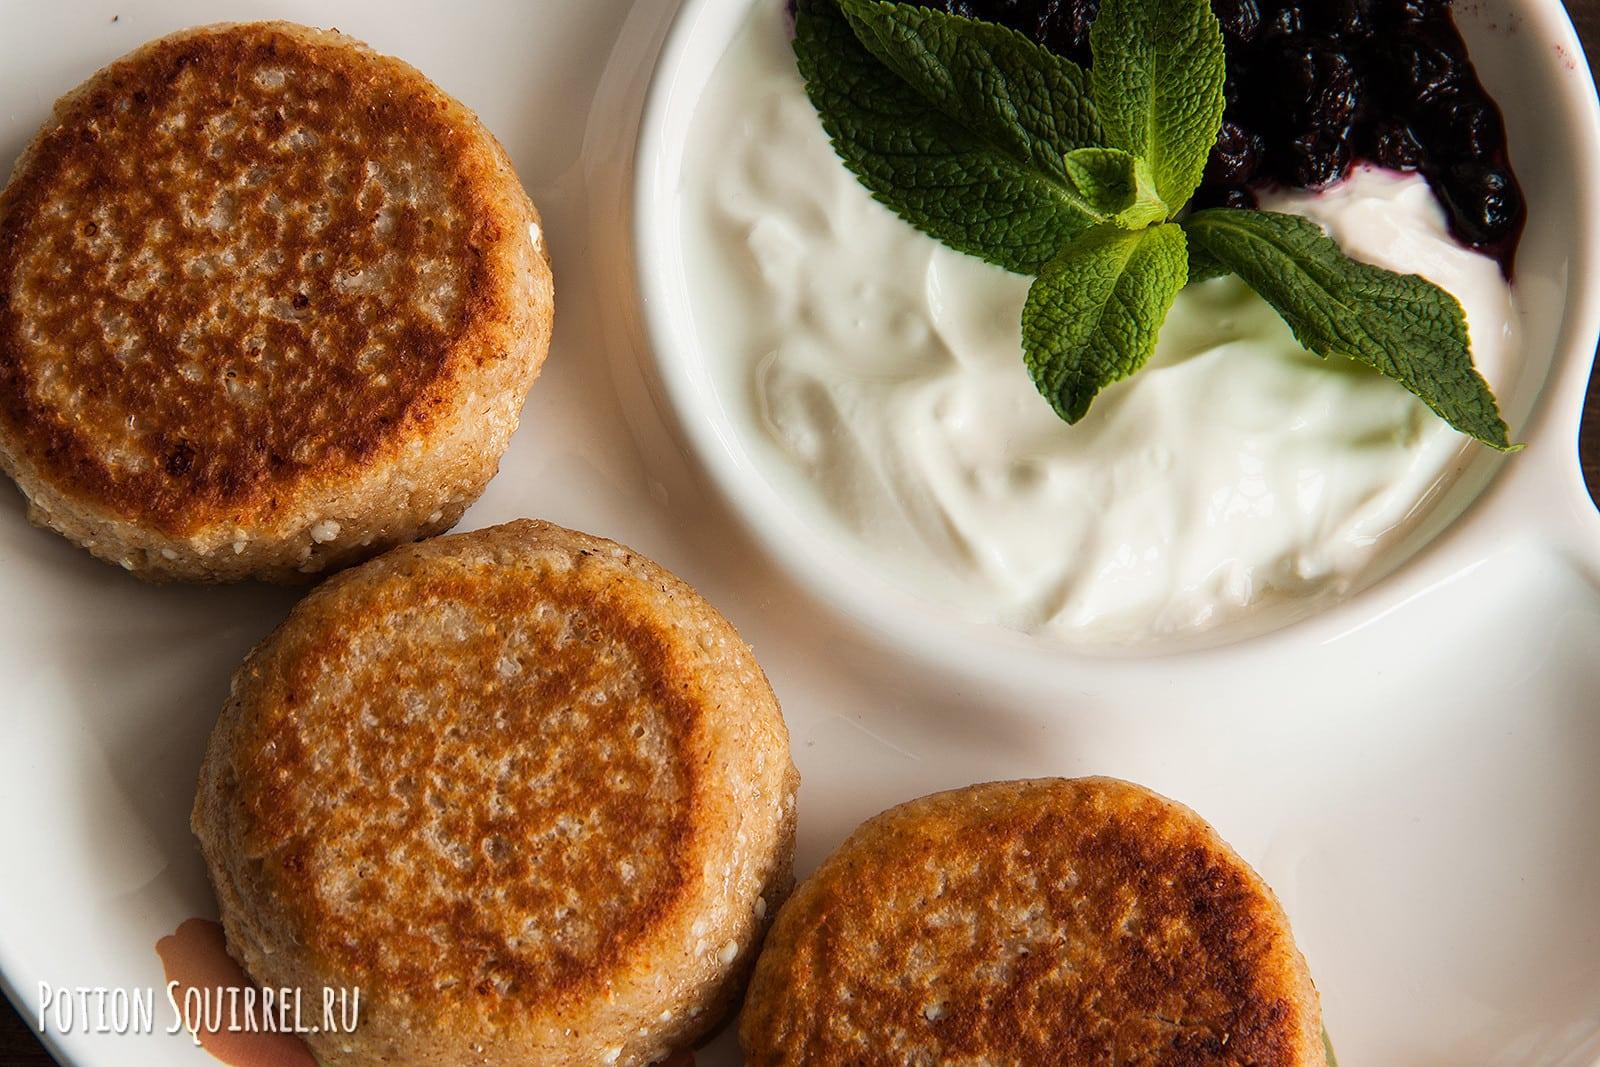 Приготовьте творожные сырники на завтрак по рецепту от potionsquirrel.ru